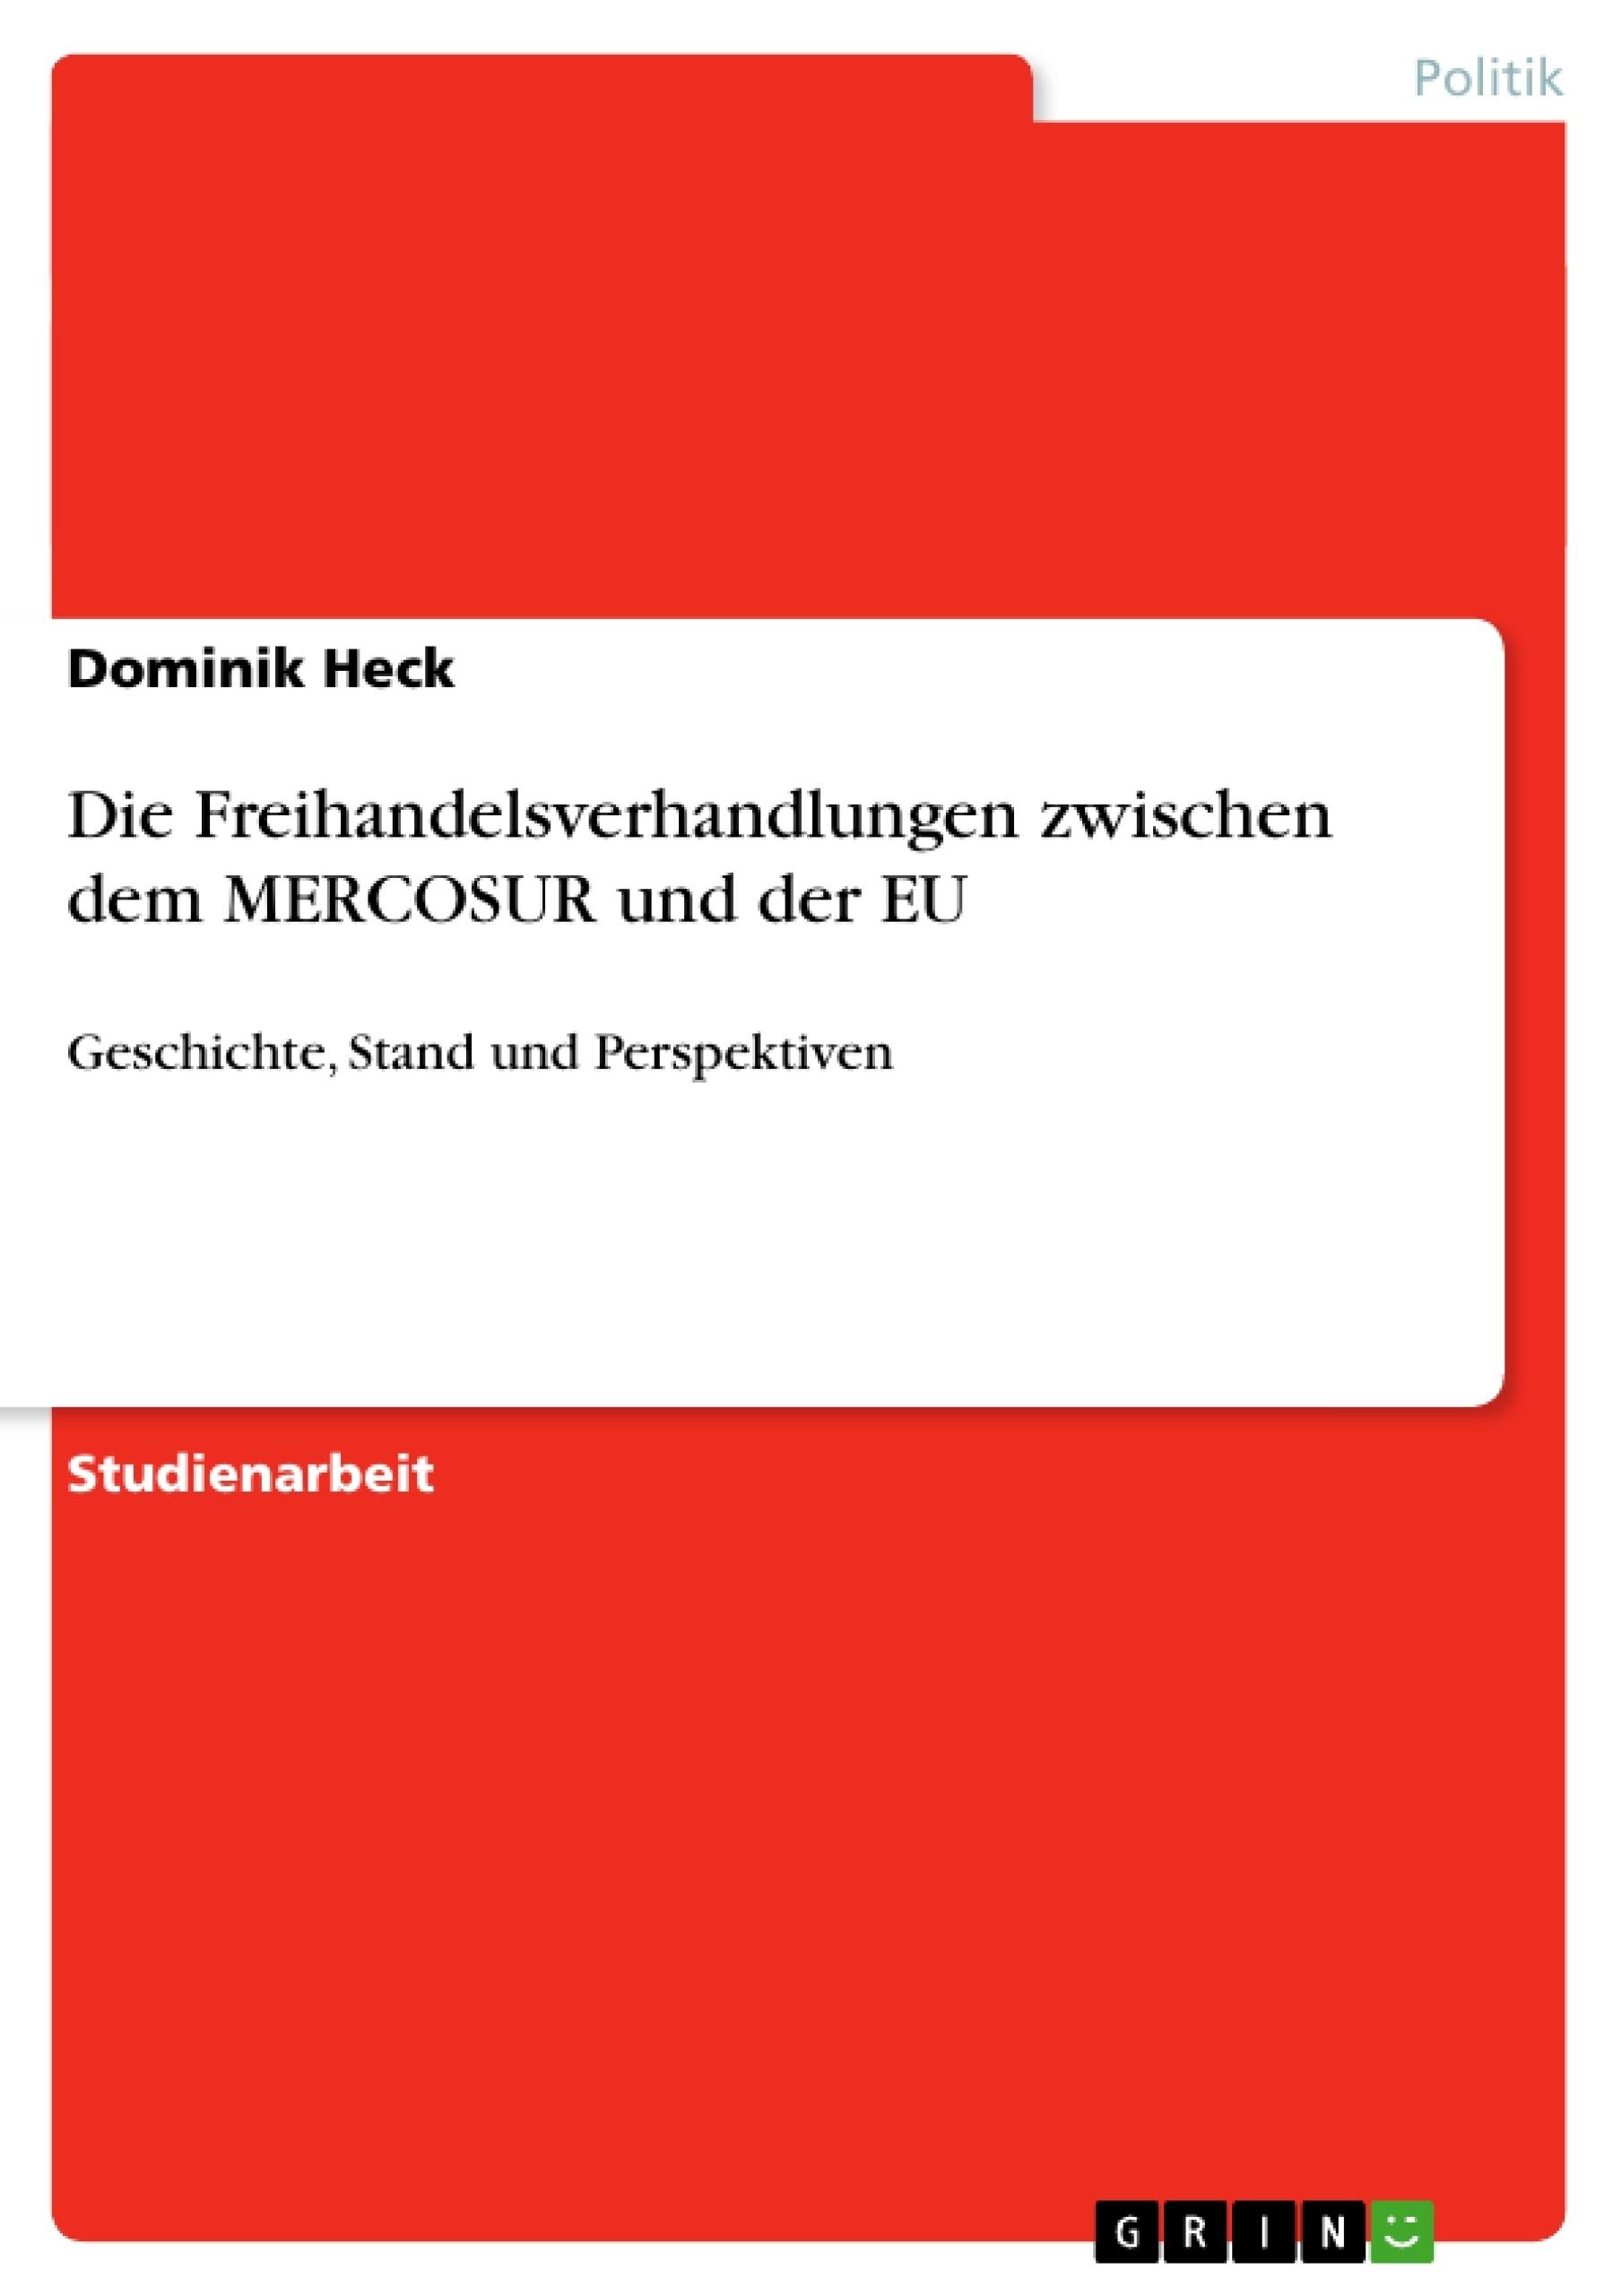 Titel: Die Freihandelsverhandlungen zwischen dem MERCOSUR und der EU